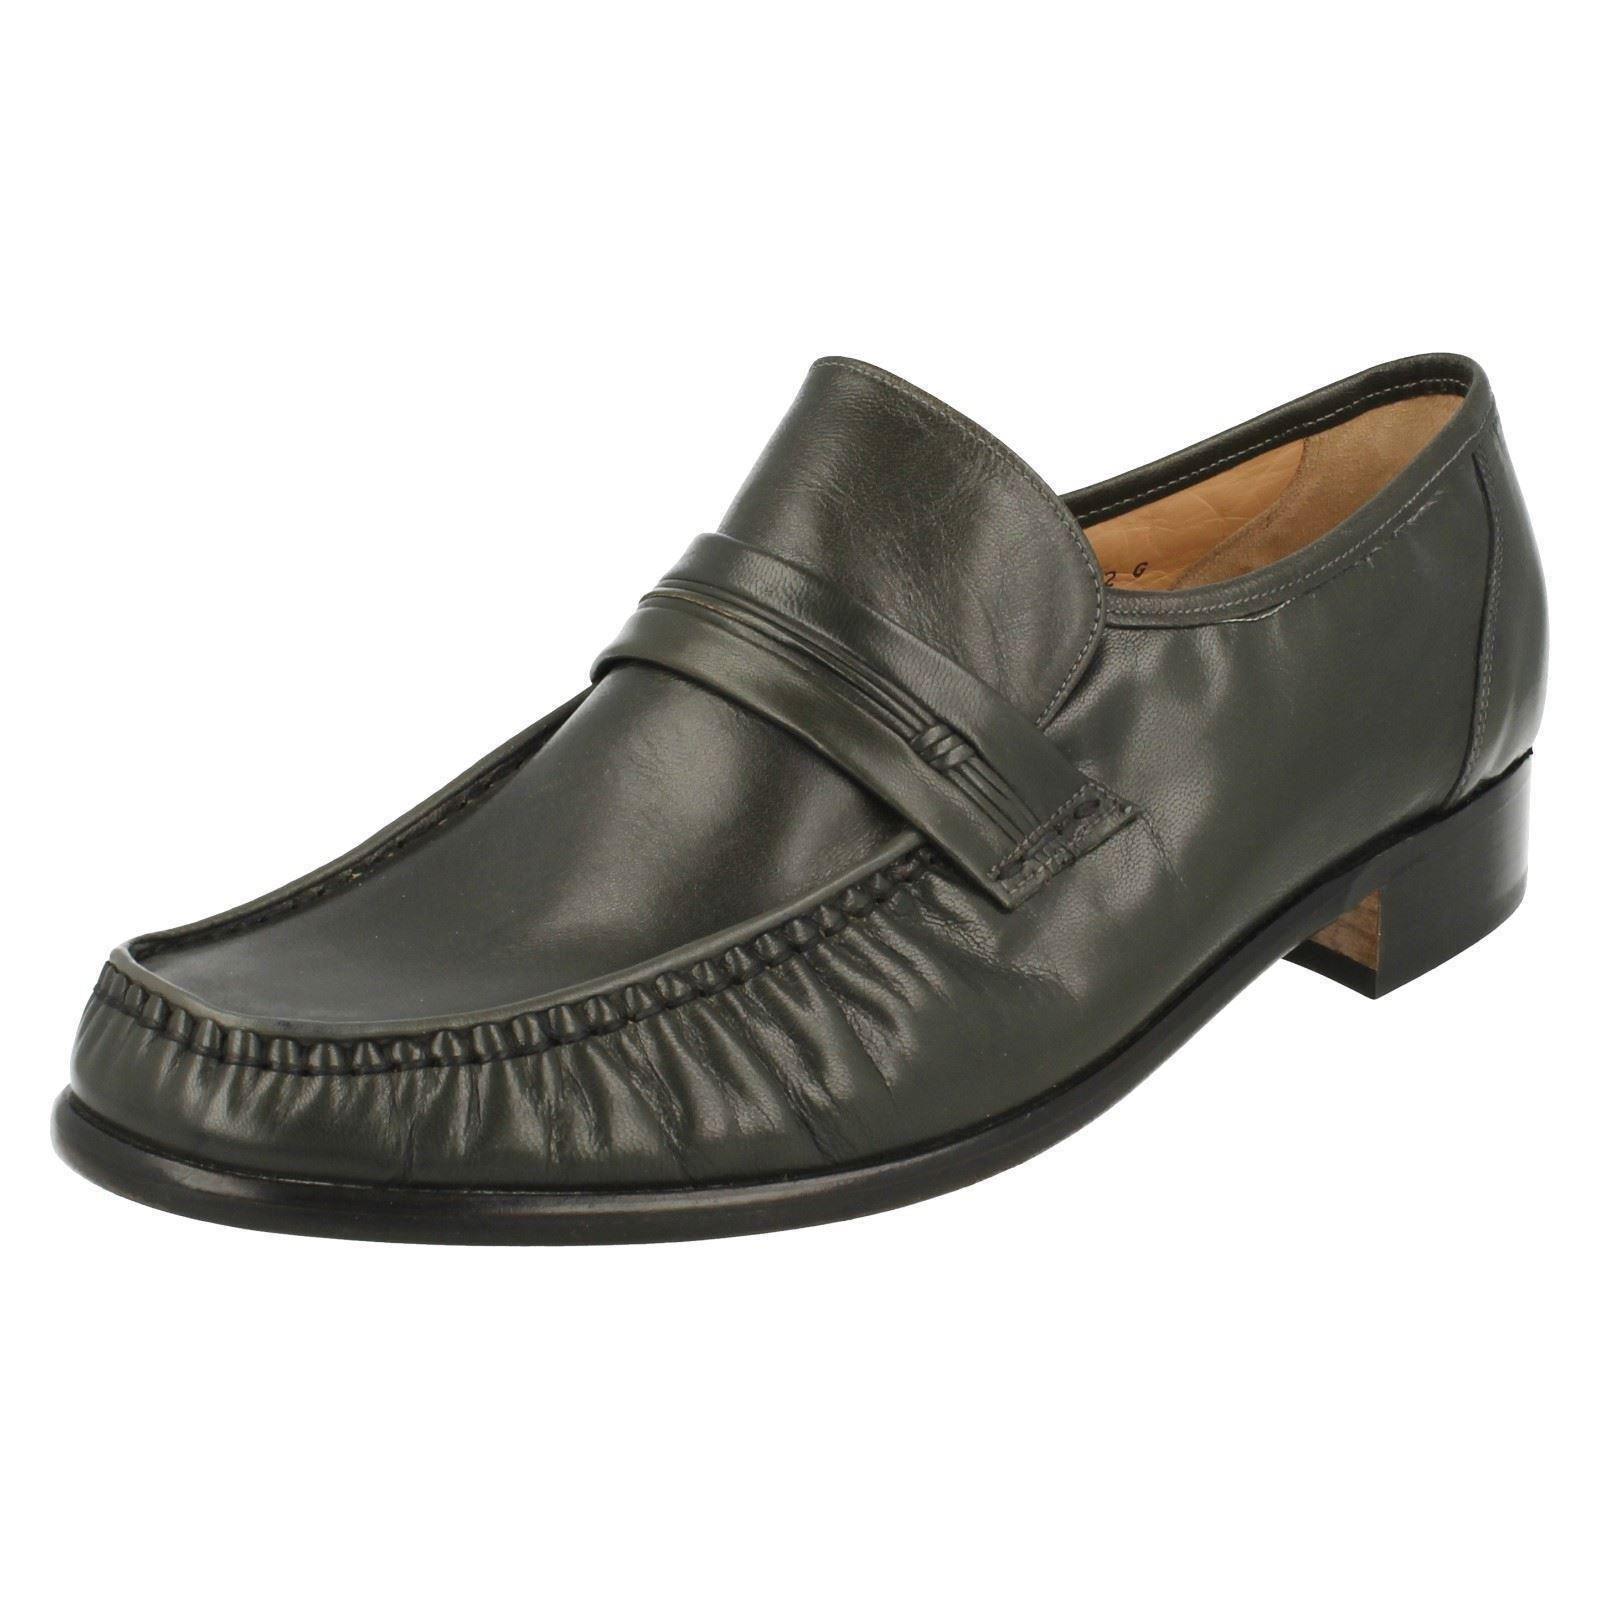 Grenson CLAPHAM Da Uomo Grigio Pelle Scarpe Mocassini (36B) (Kett) Scarpe classiche da uomo